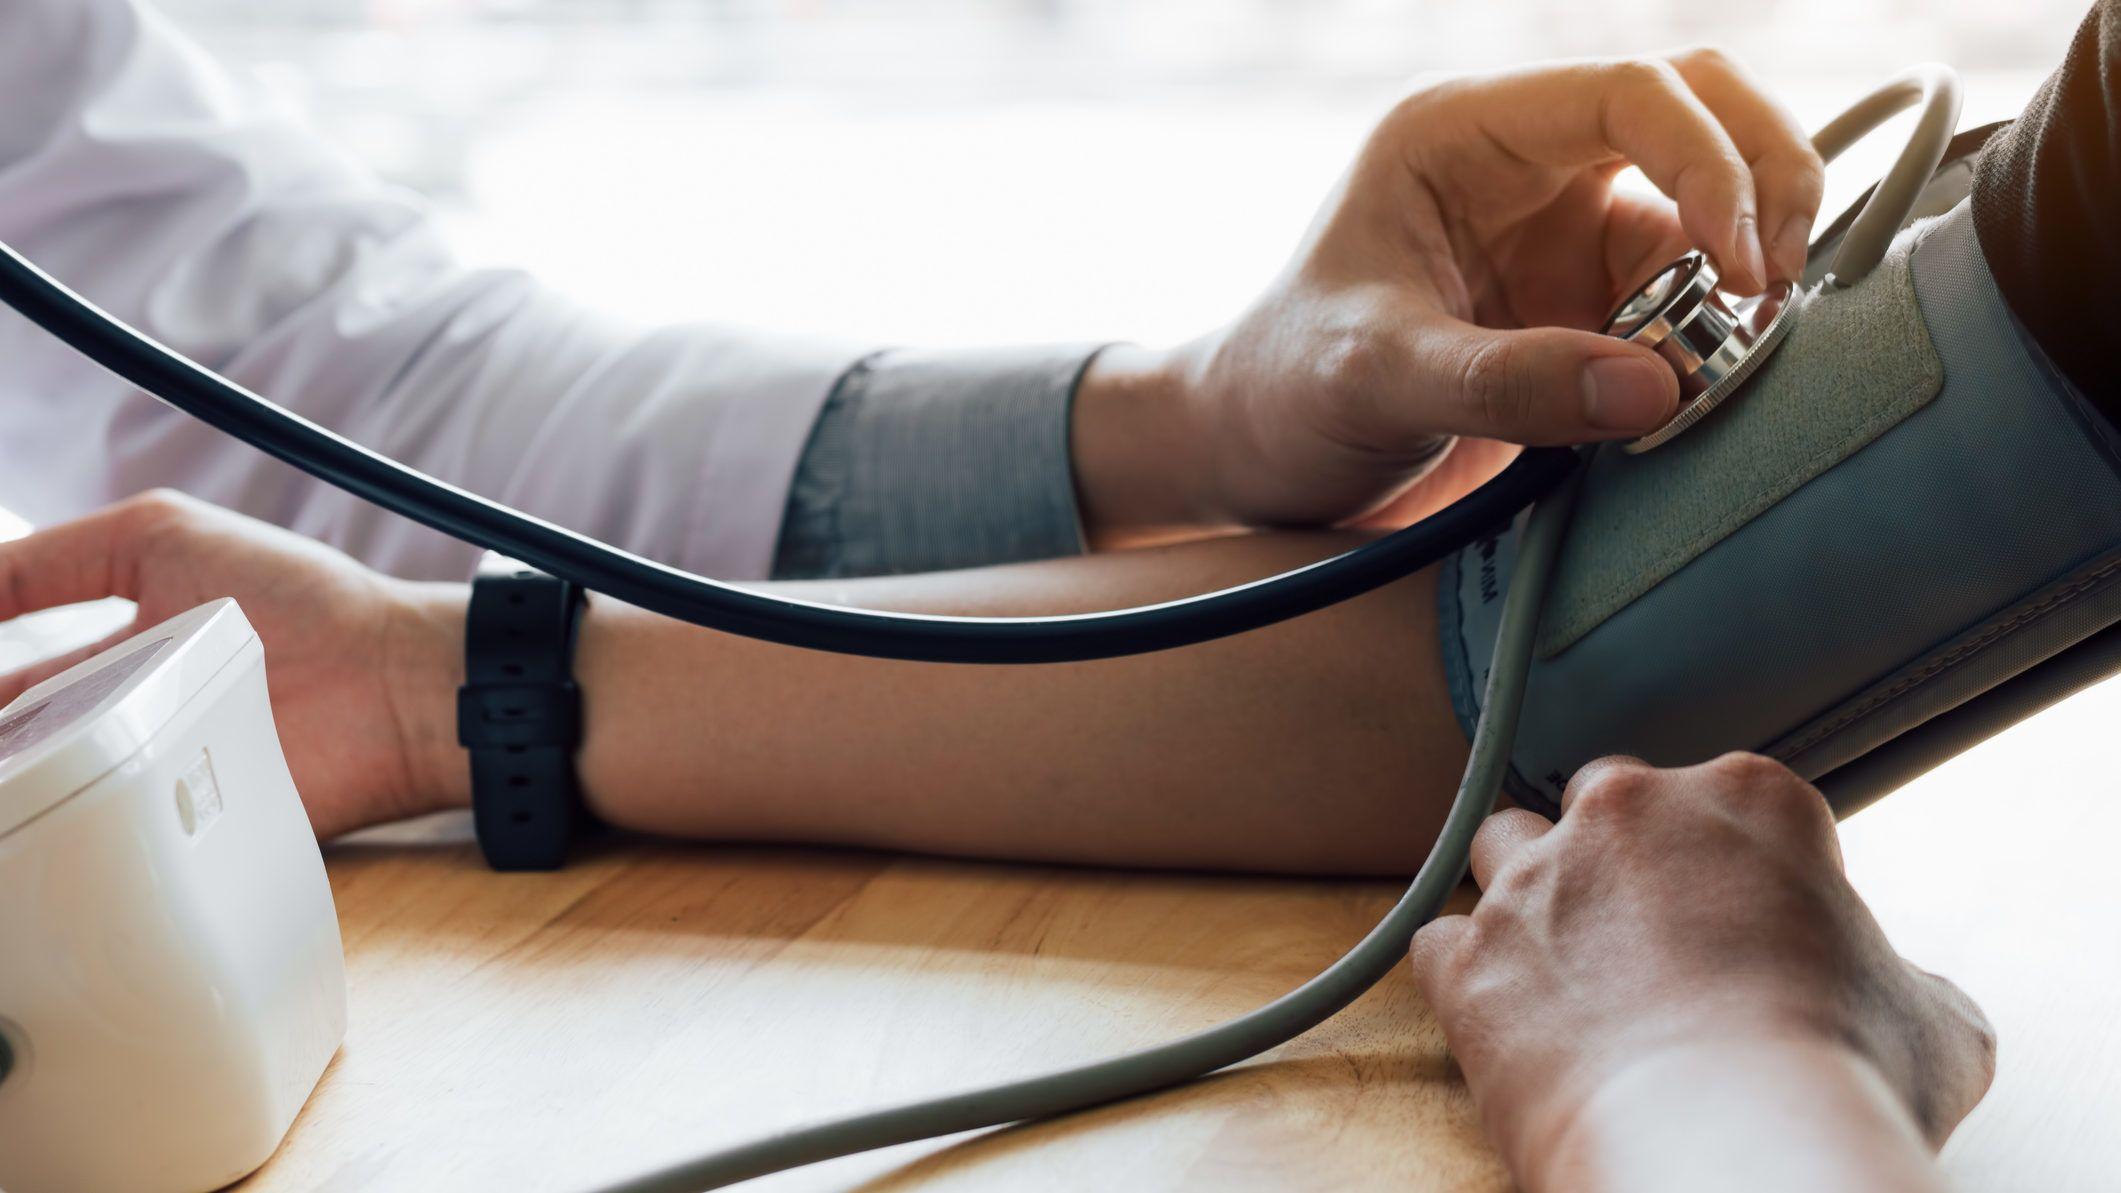 magas vérnyomás miatt regisztrálták a magas vérnyomásban szenvedő fogyatékosság mértéke alapján